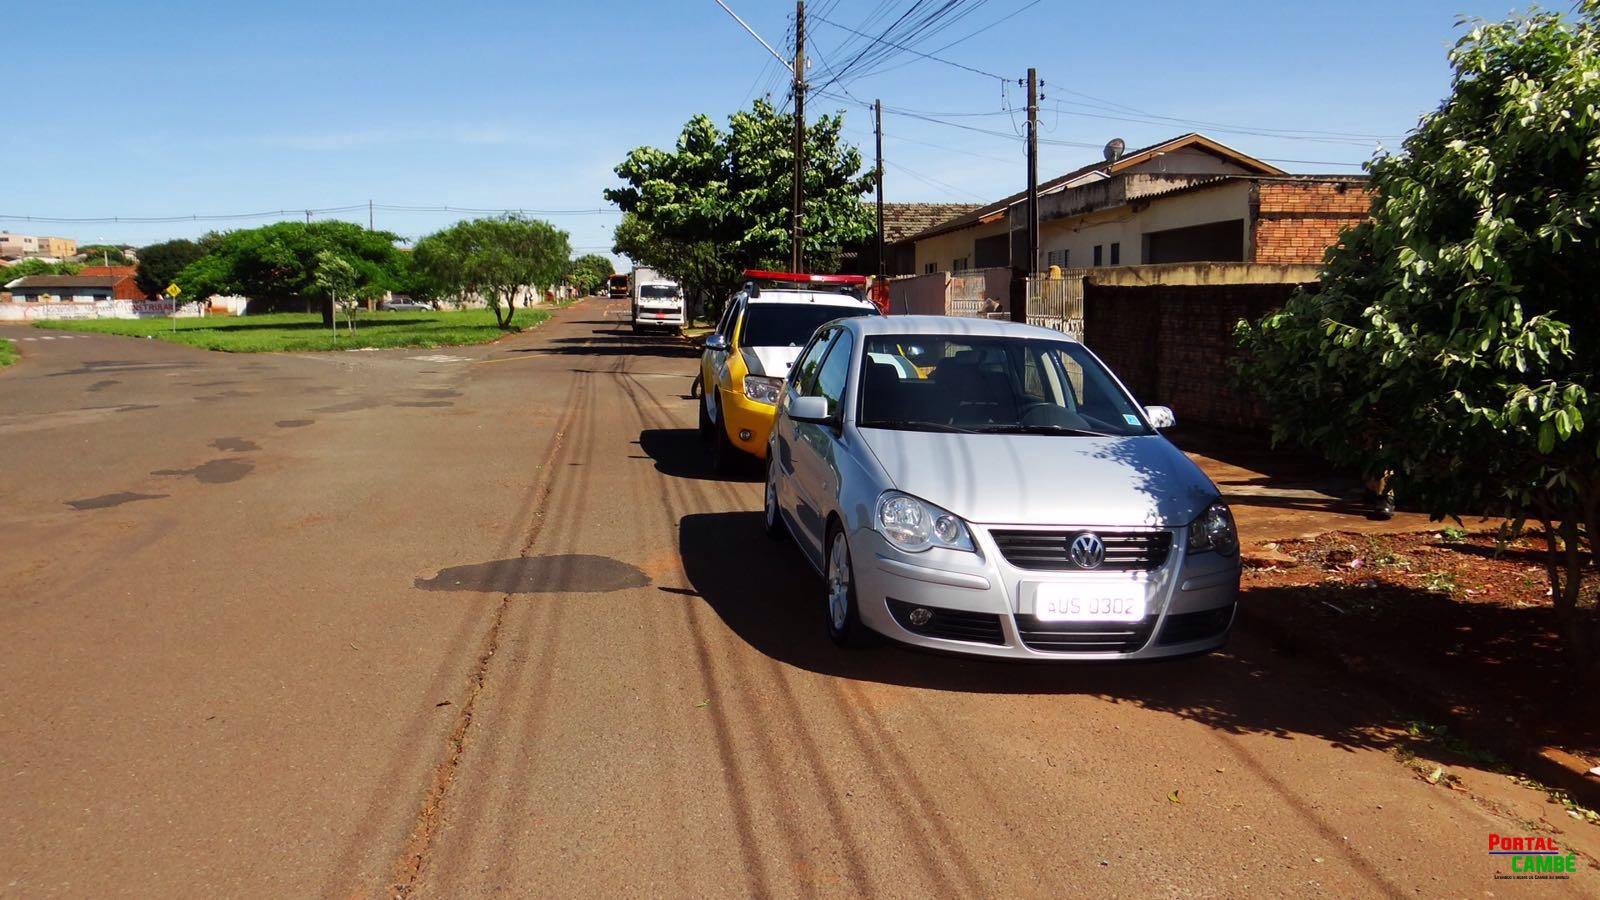 Polícia recupera carro levado após assalto no Jardim Bela Vista em Cambé